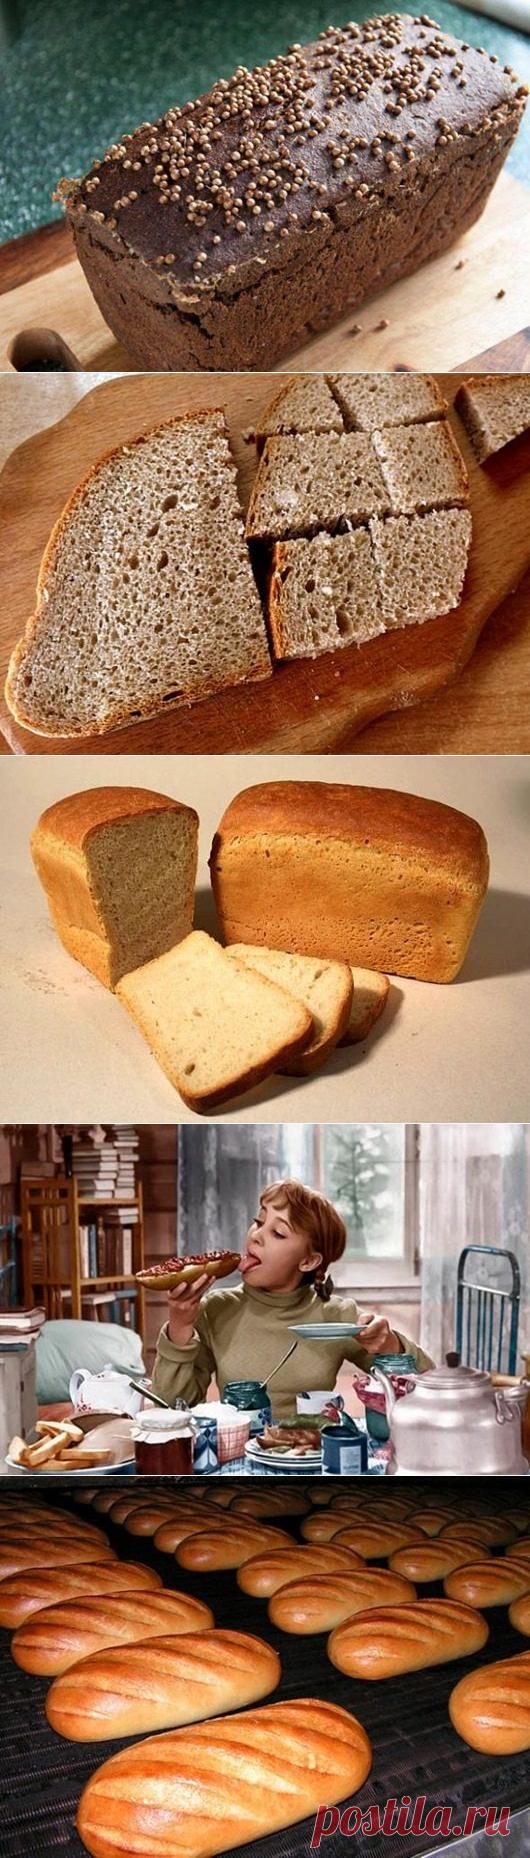 смотреть картинки хлеб в ссср специалист